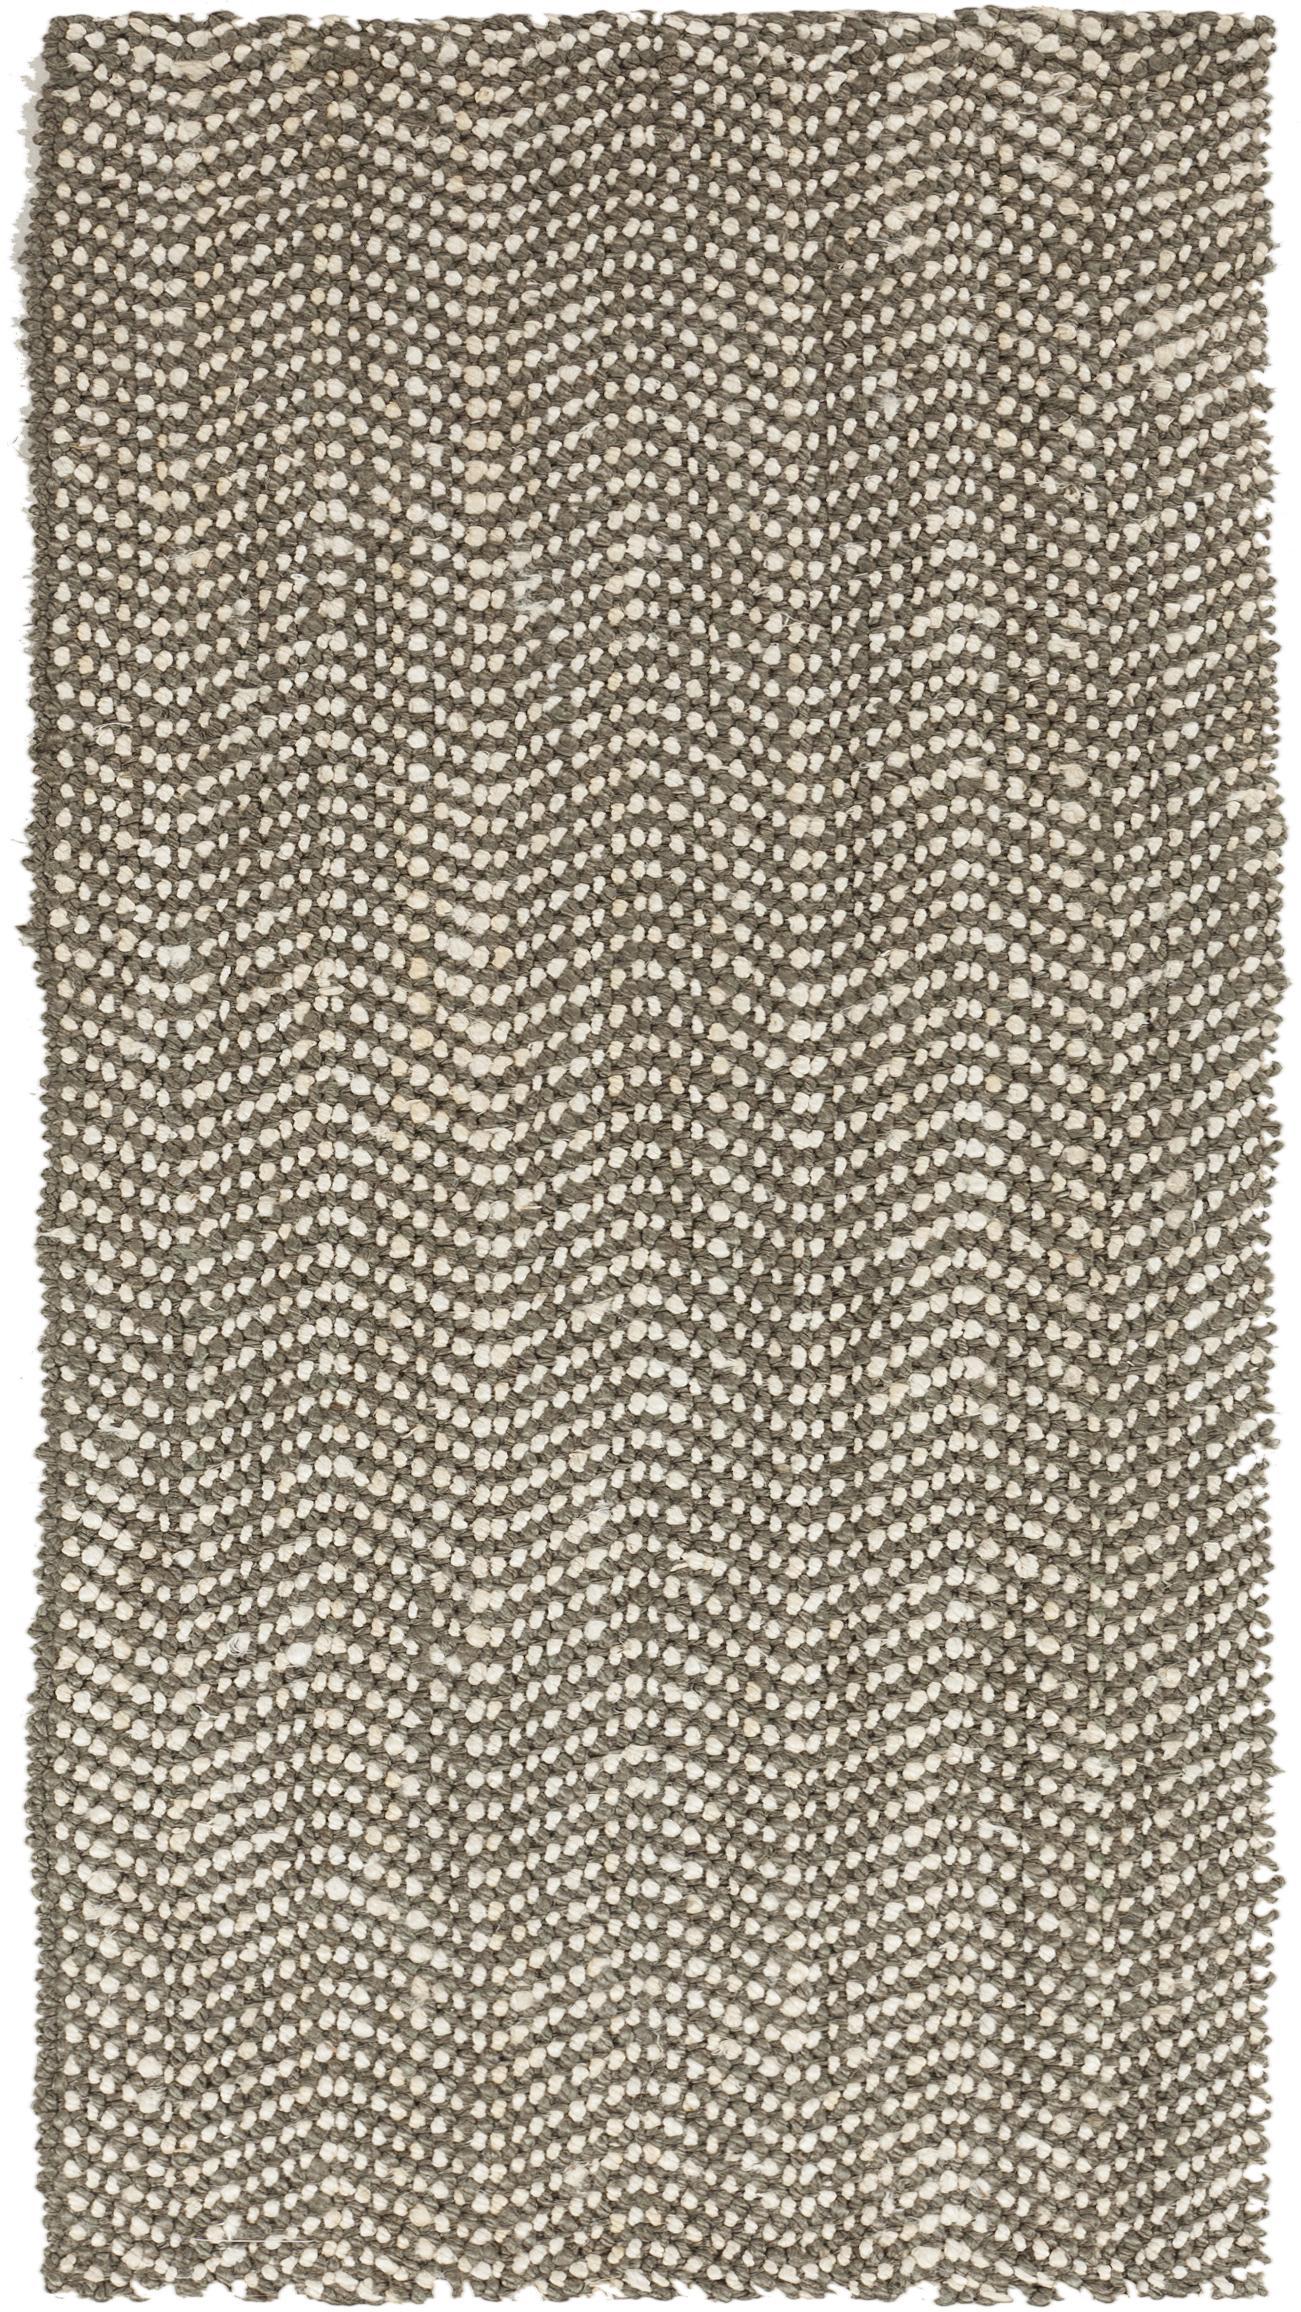 Surya Rugs Reeds 5' x 8' - Item Number: REED800-58